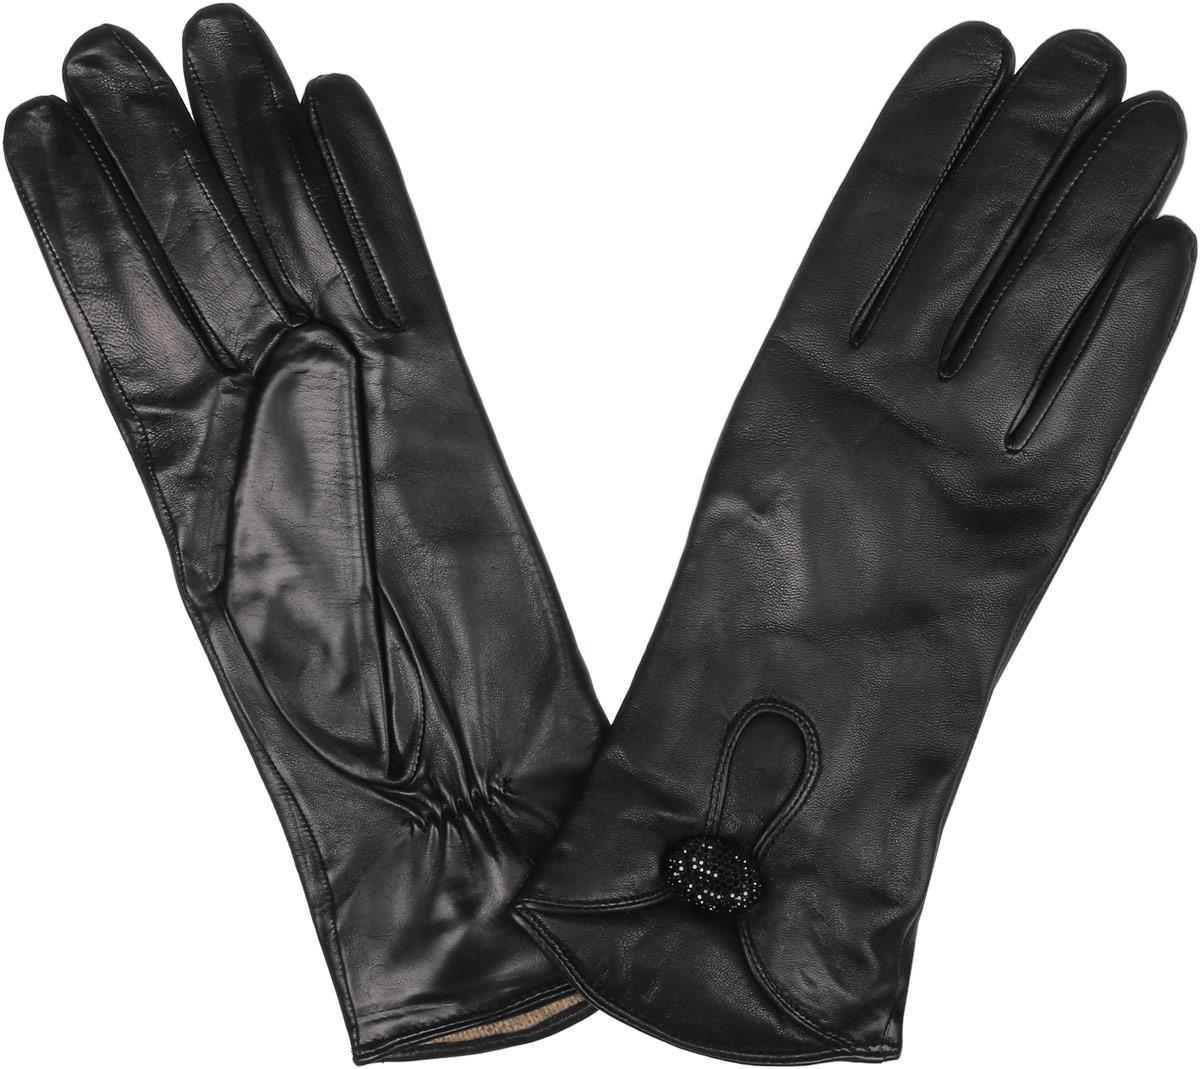 Перчатки женские Fabretti, цвет: черный. 2.9-1. Размер 6,52.9-1 blackСтильные женские перчатки Fabretti не только защитят ваши руки, но и станут великолепным украшением. Перчатки выполнены из натуральной кожи ягненка, а их подкладка - из высококачественной шерсти с добавлением кашемира.Модель оформлена пуговичкой с блестящими стразами. Перчатки имеют строчки -стежки на запястье, которые придают большее удобство при носке.Стильный аксессуар для повседневного образа.